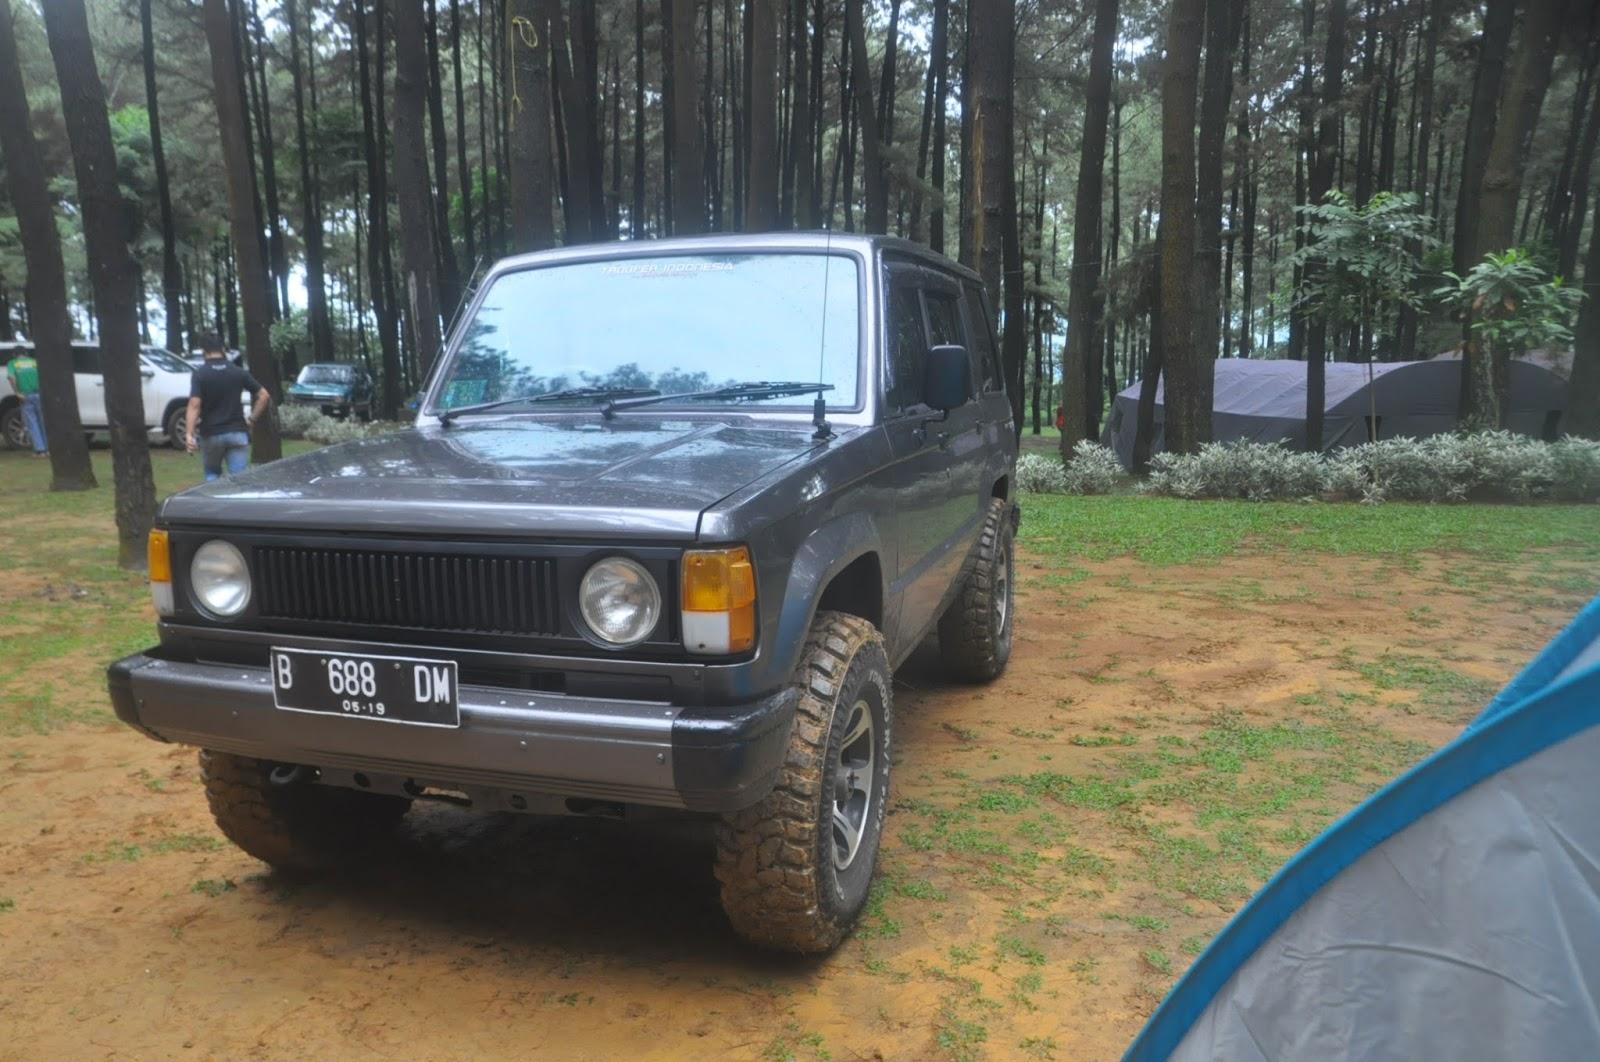 All New Kijang Innova Diesel Vs Bensin Spesifikasi Yaris Trd 2014 Komunitas Trooper Indonesia Gelar Camping Seru Di Gunung ...